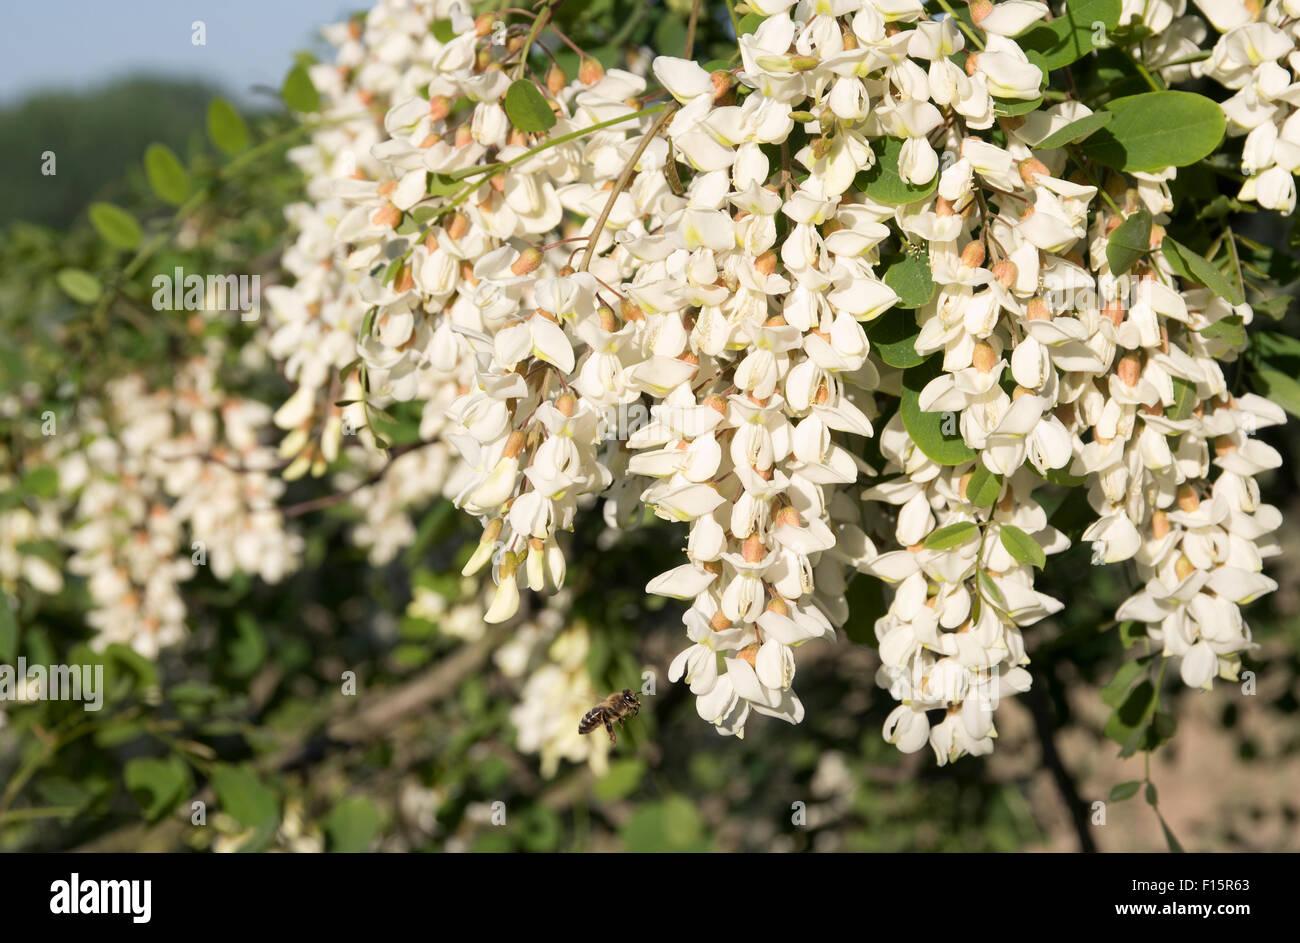 acacia flowers stockfotos acacia flowers bilder alamy. Black Bedroom Furniture Sets. Home Design Ideas